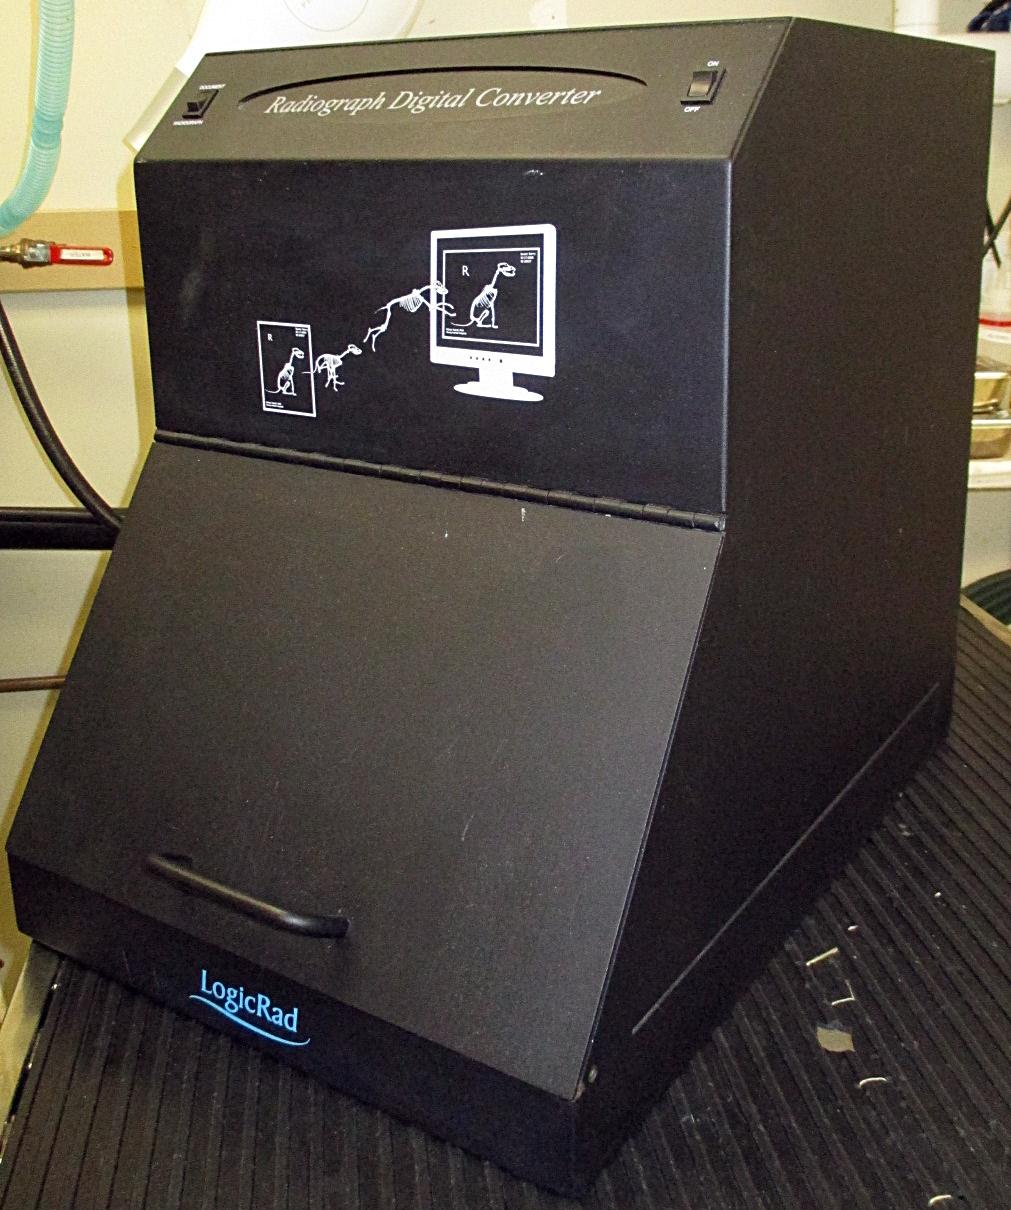 Logicrad Radiograph Digital Converter Veen Canada